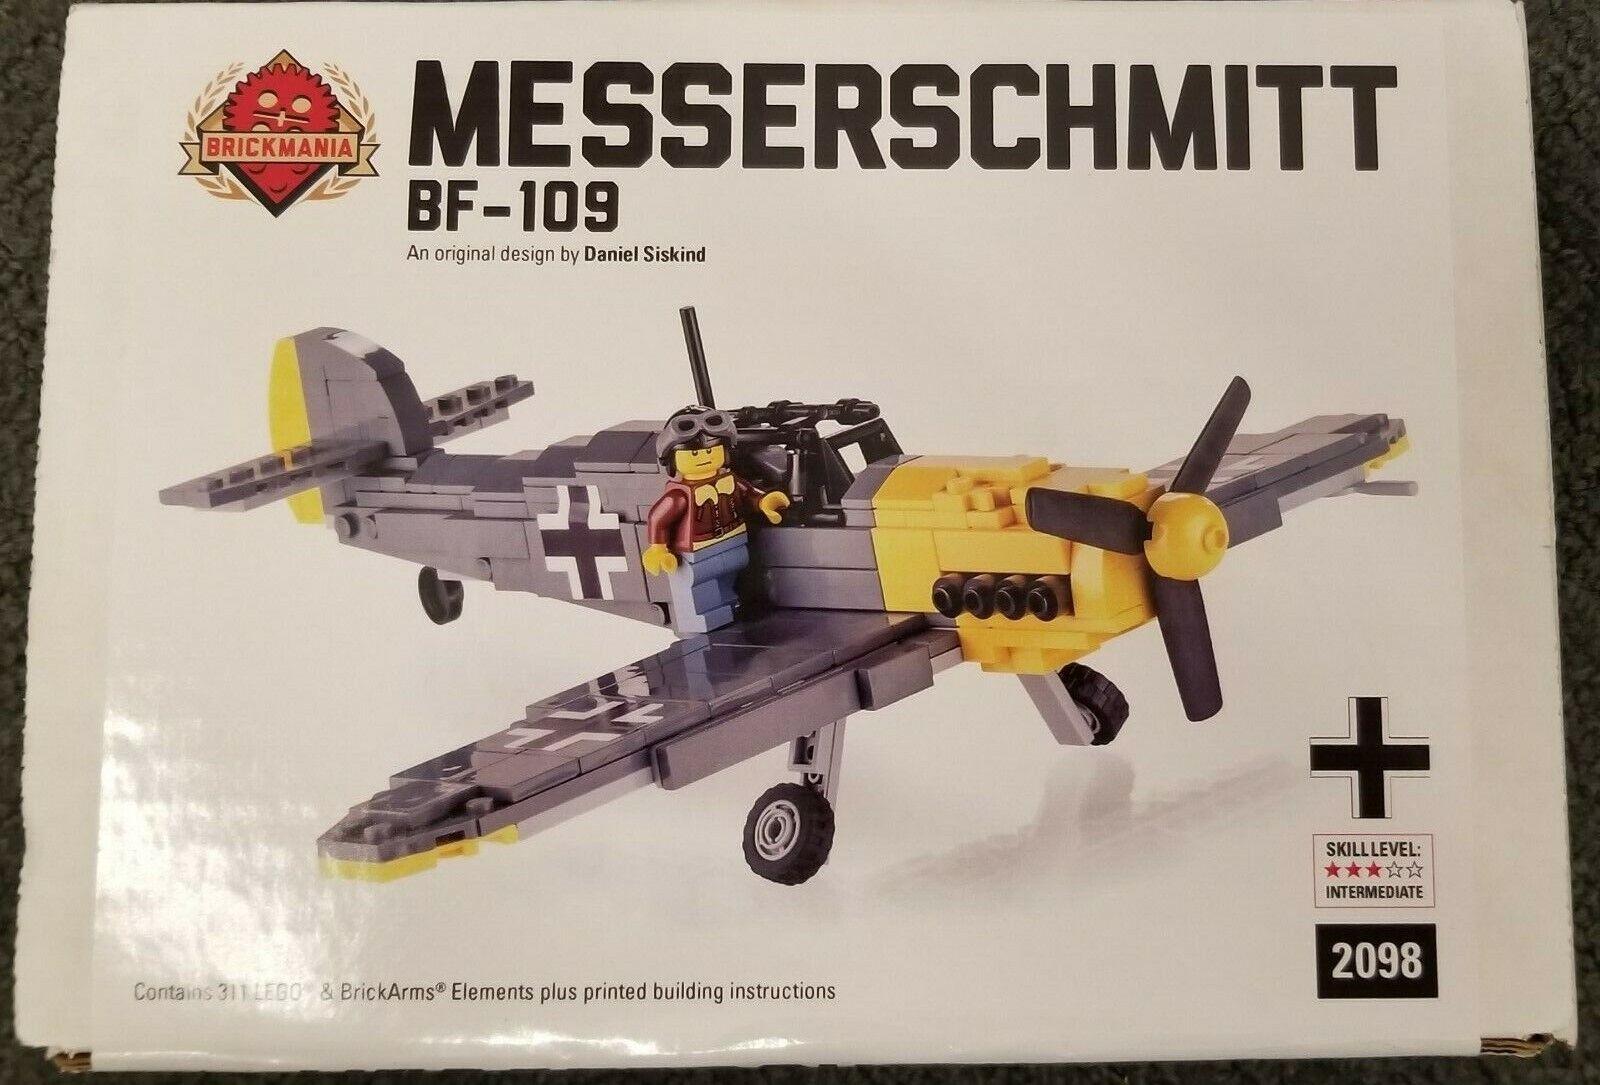 Lego Brickmania Set 2098 Messerschmitt Bf-109 German Fighter Aircraft Ww2